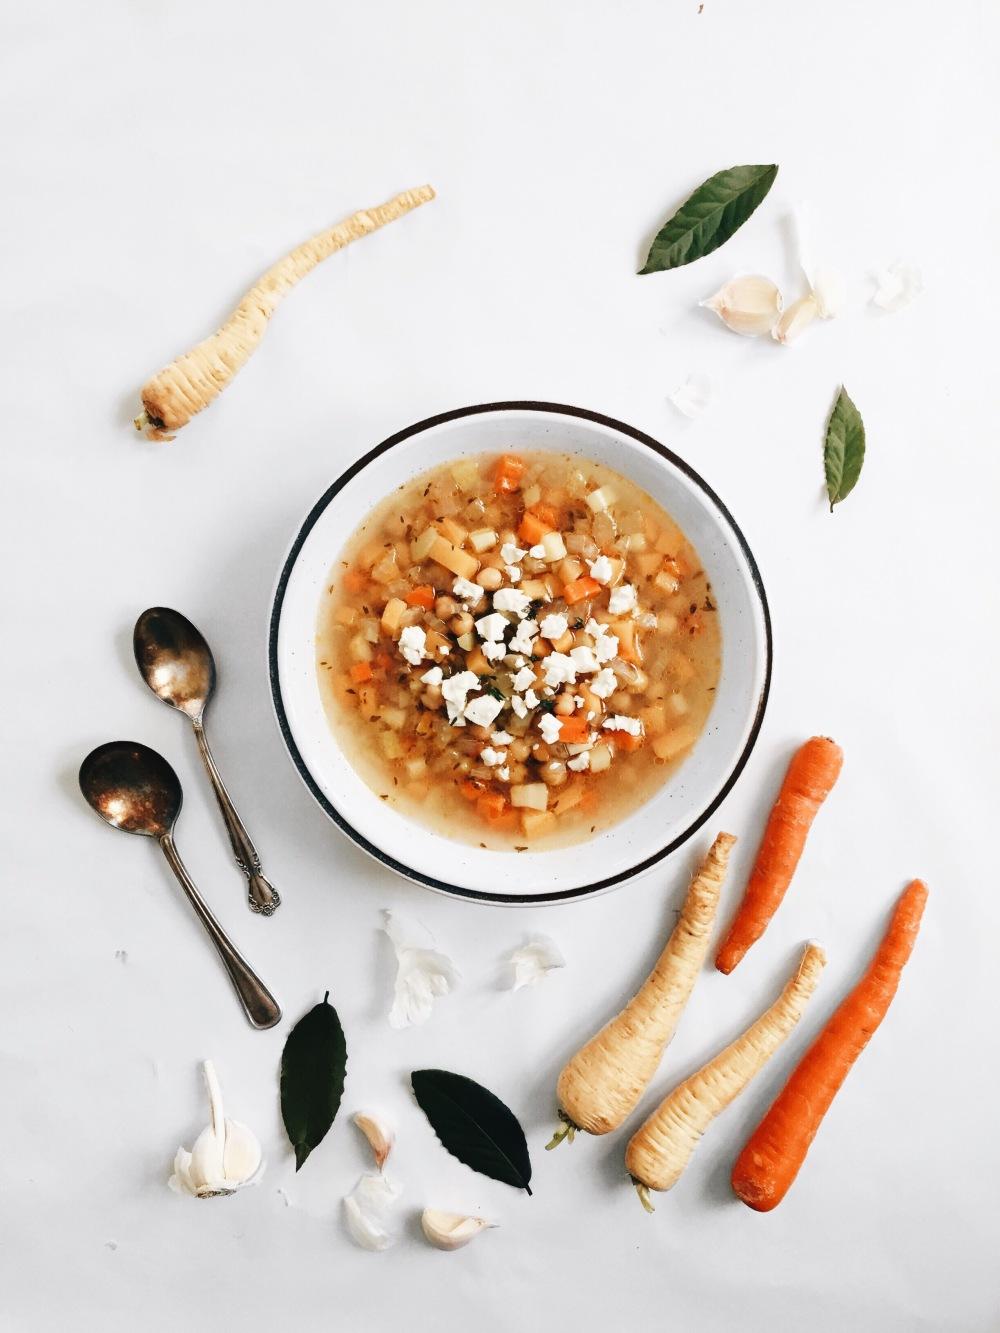 Soupe rustique vide-frigo aux légumes racines, aux pois chiches et au fromage feta